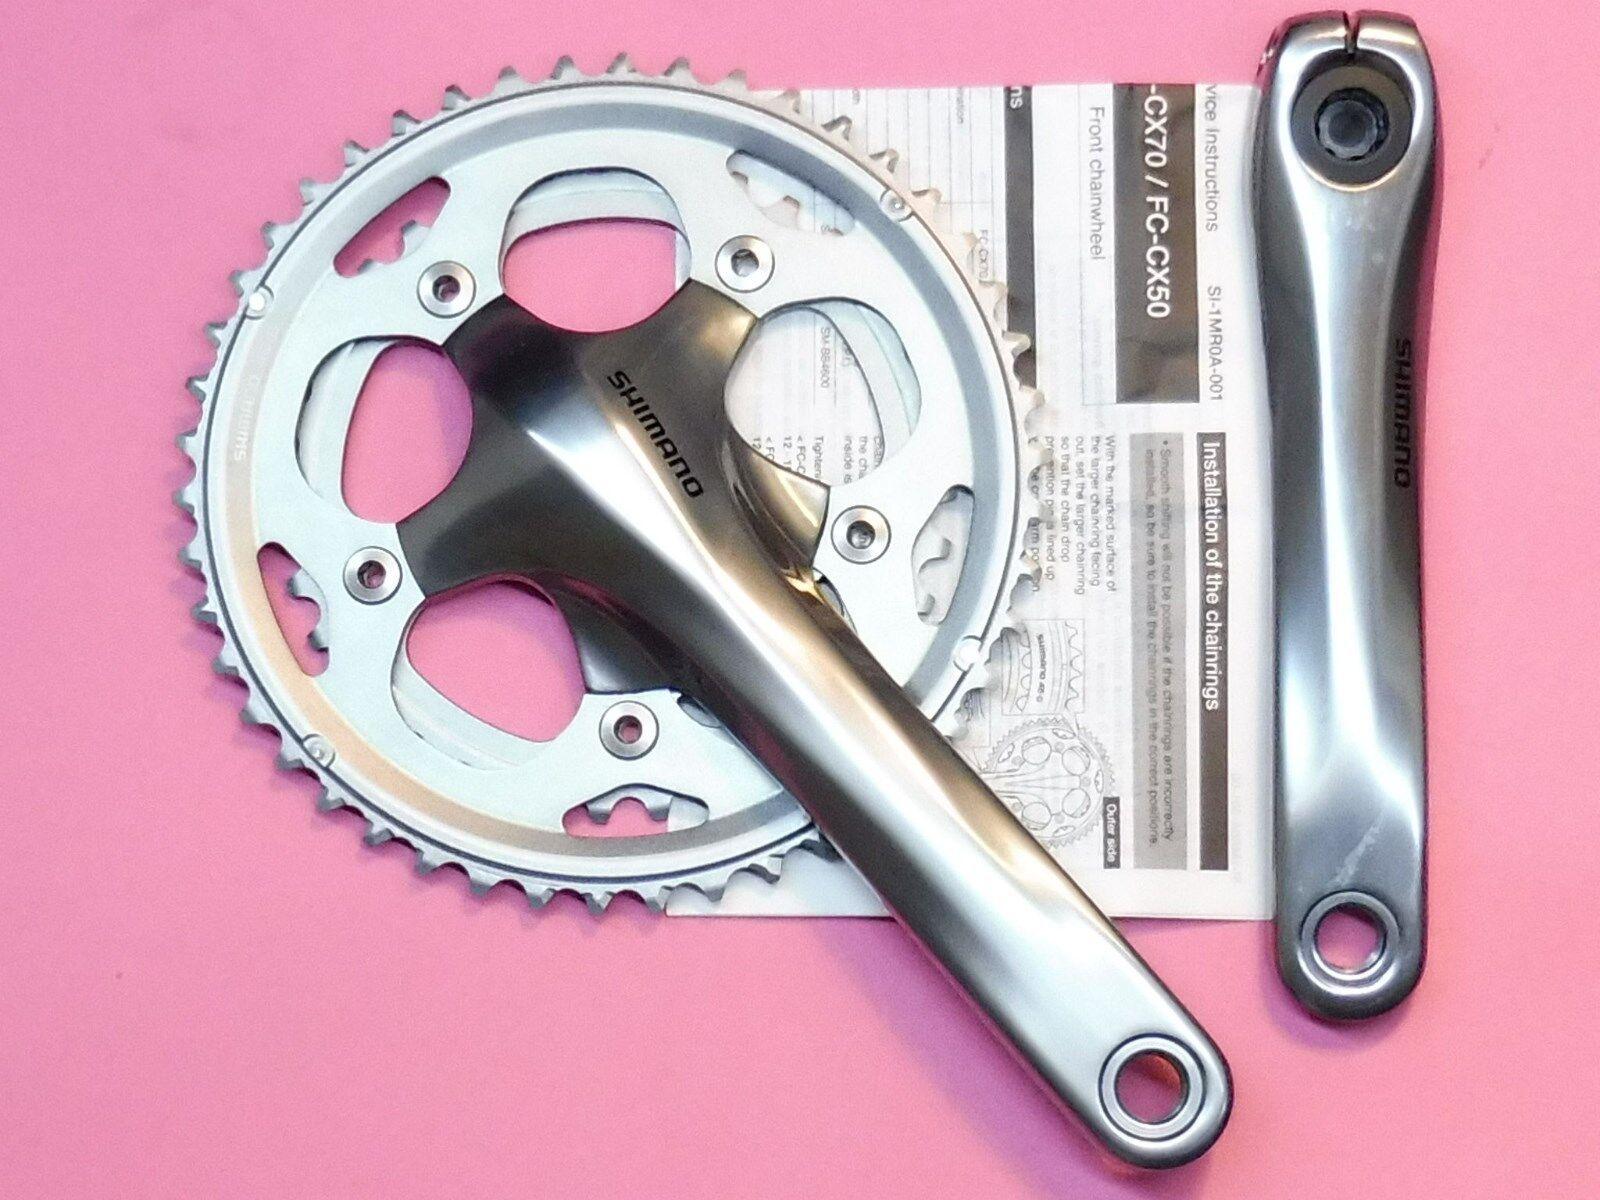 Shimano-CX50 Cyclo-x pedalier 175 Mm - 36.46 (plata) - nos